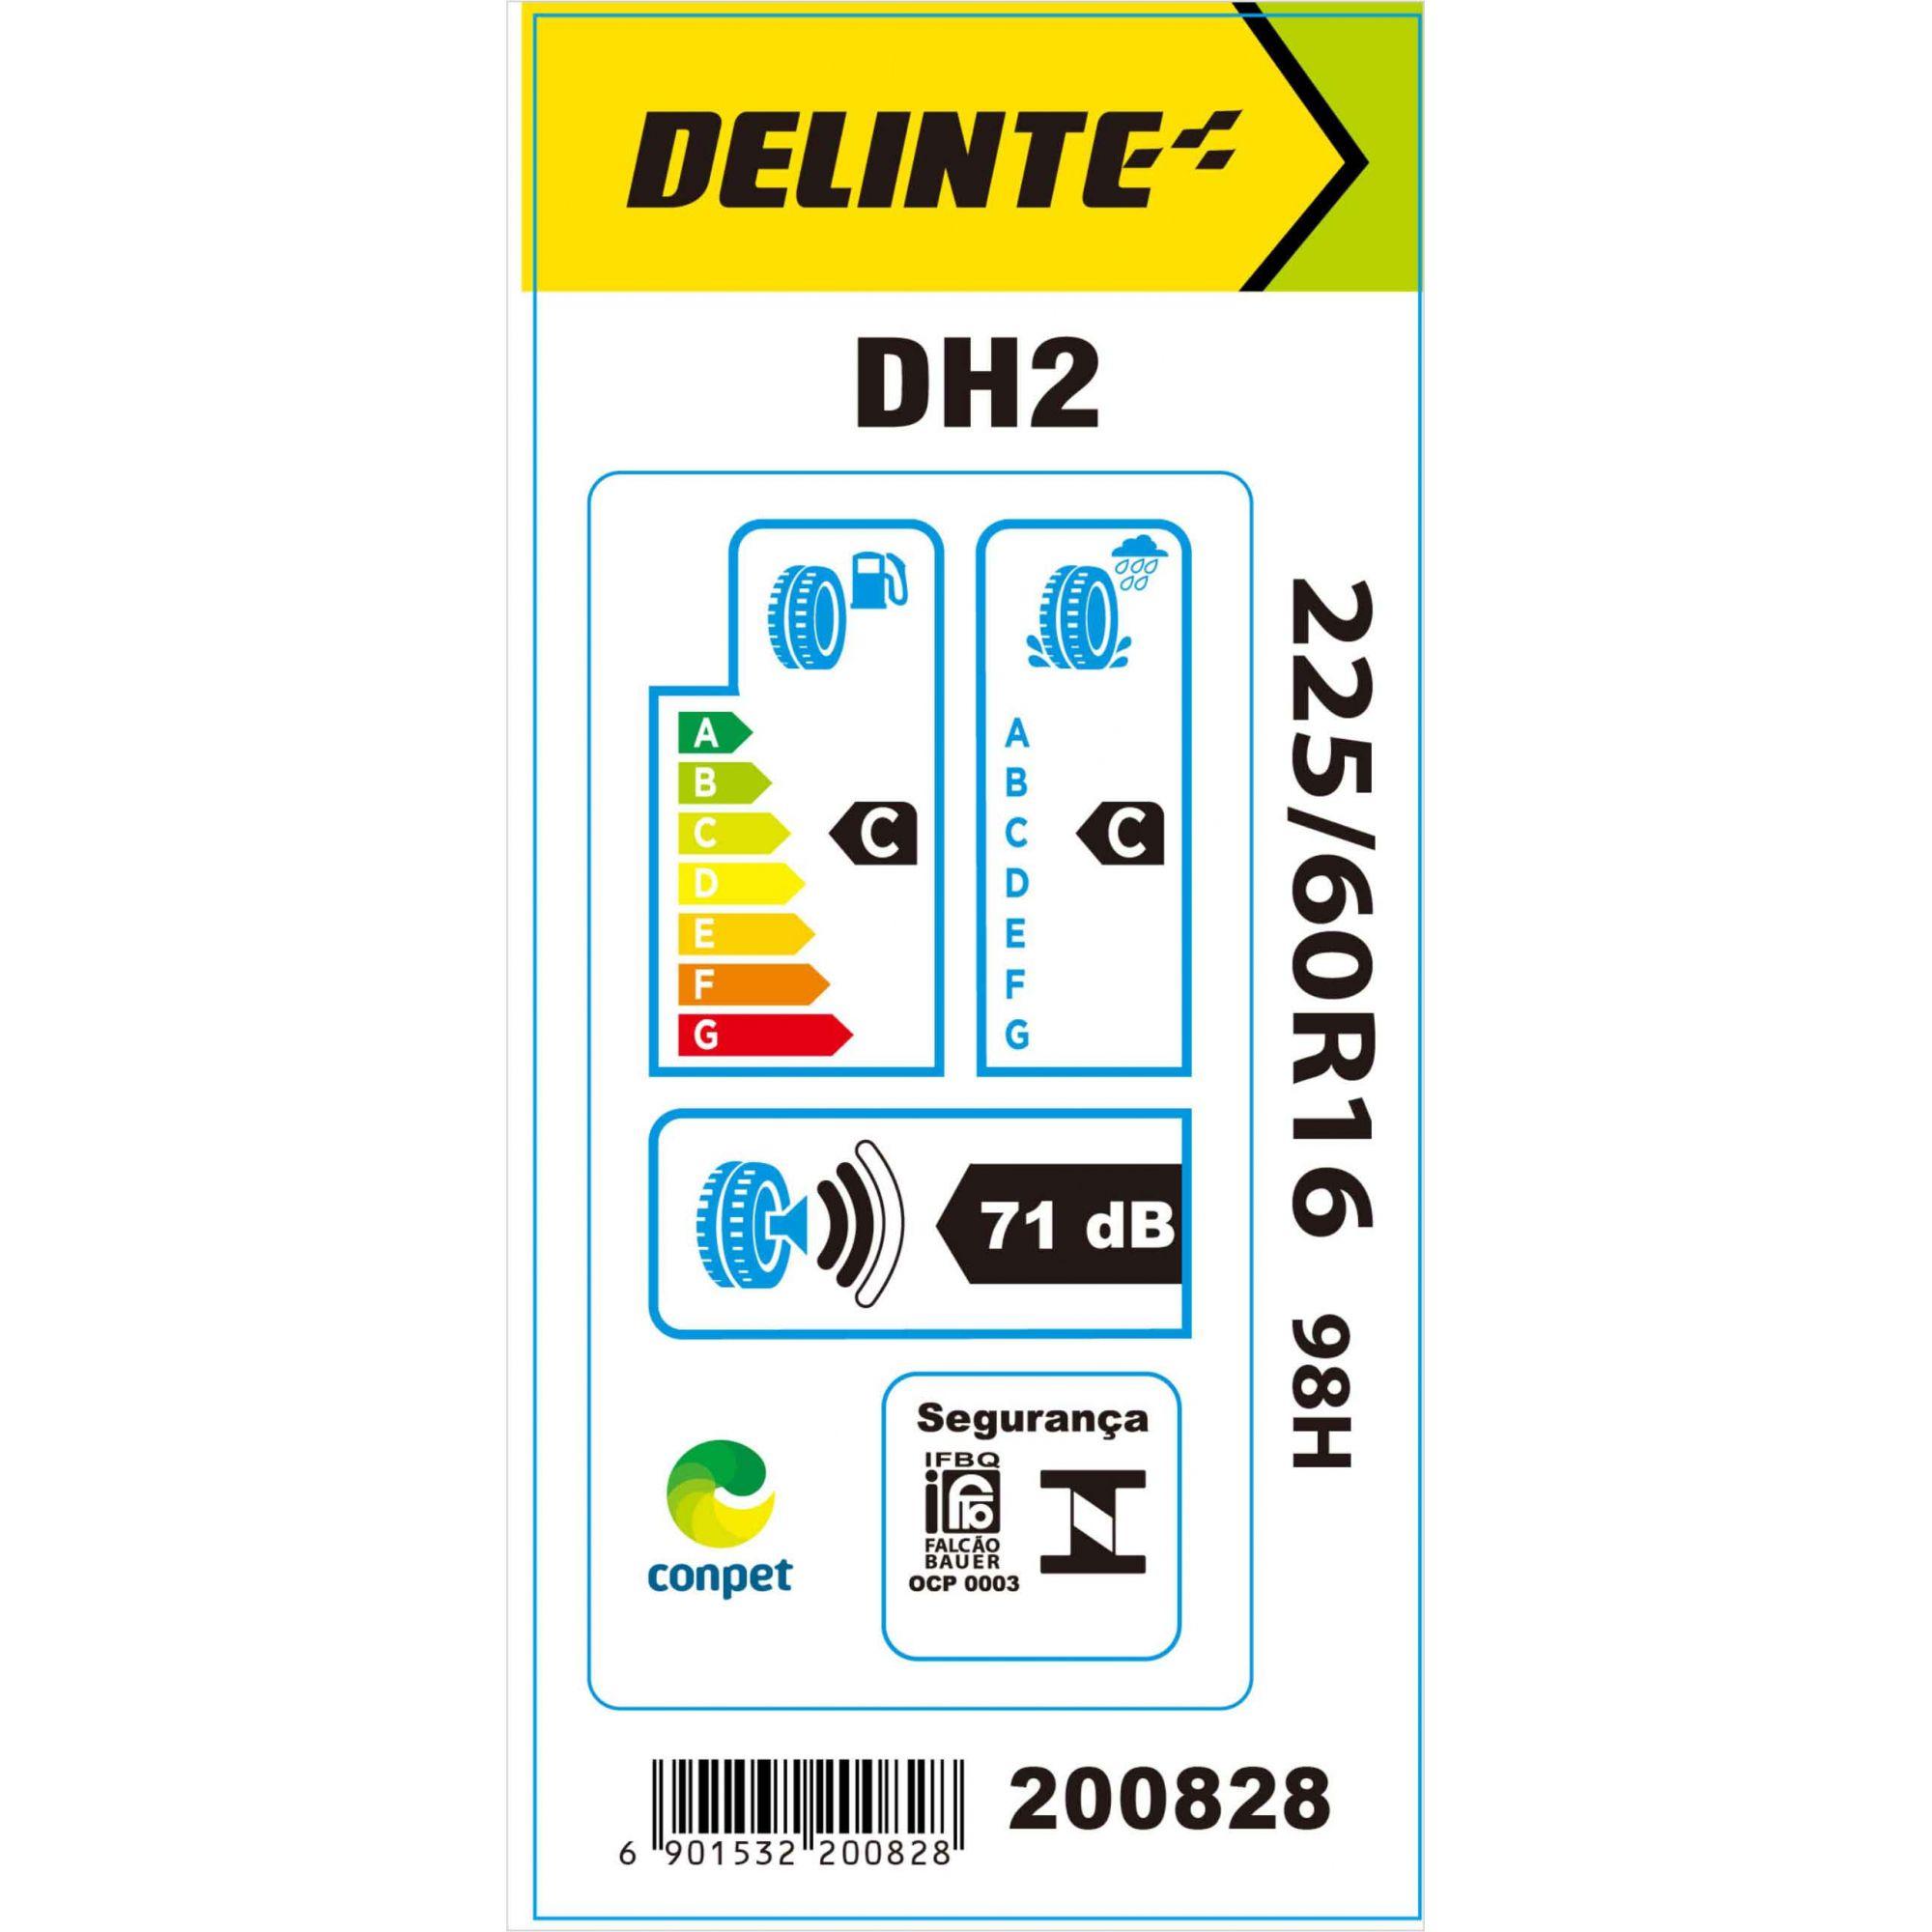 Pneu 225/60R16 Delinte DH2 98H